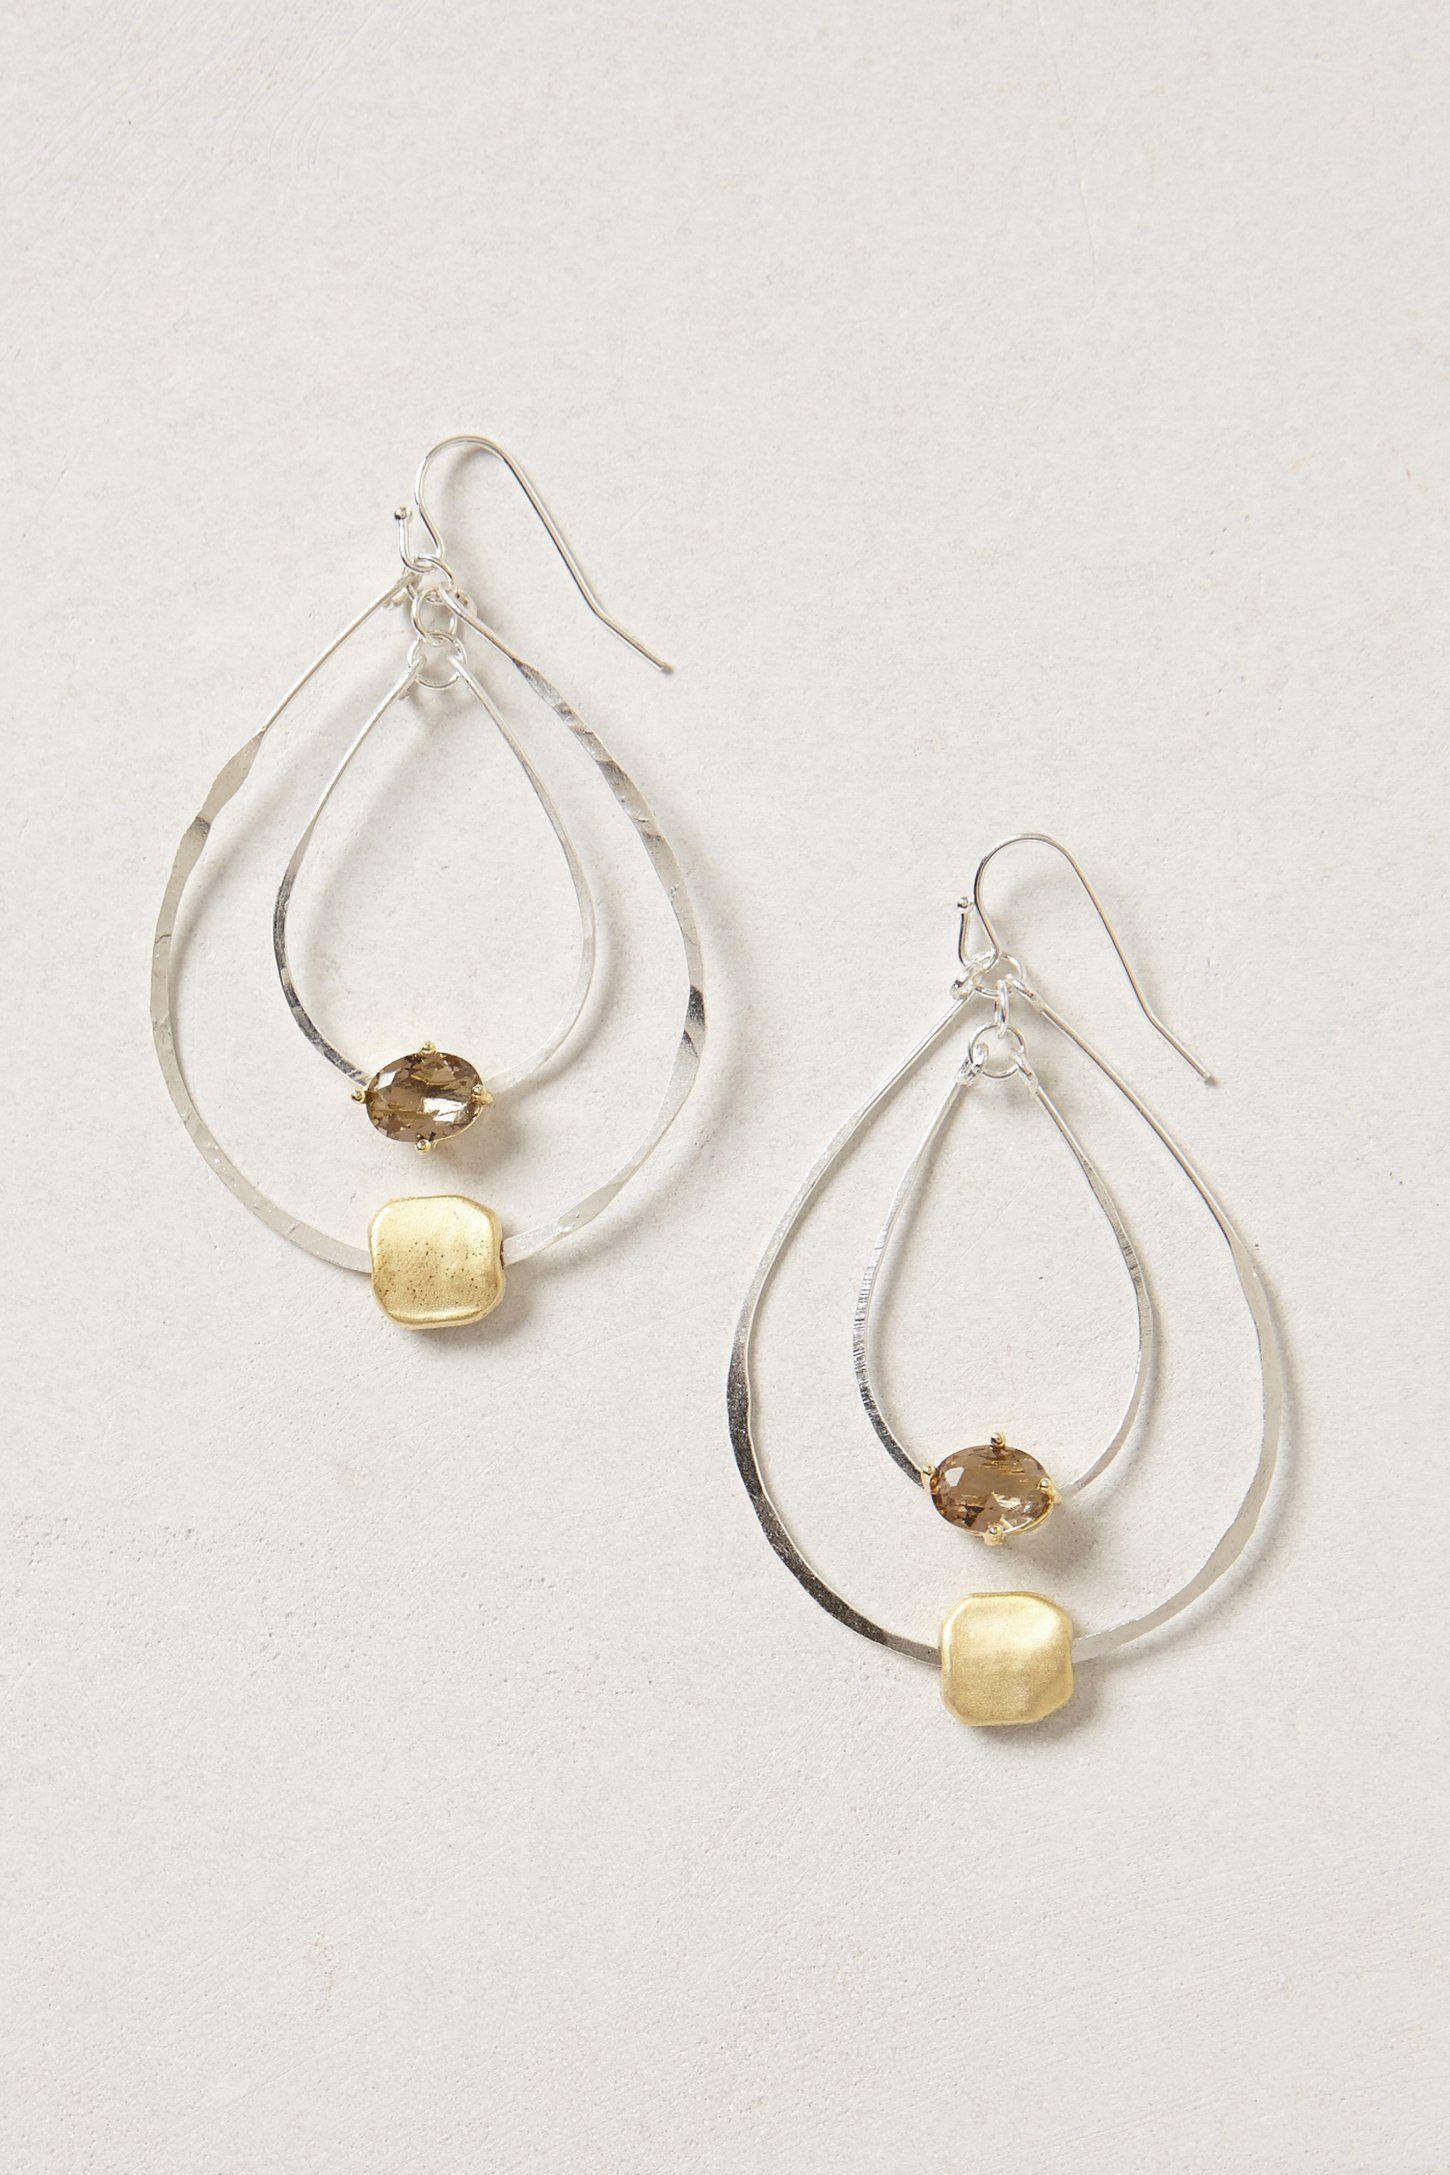 Double tear drop loop earrings Fairy Isle Hoops - Anthropologie.com